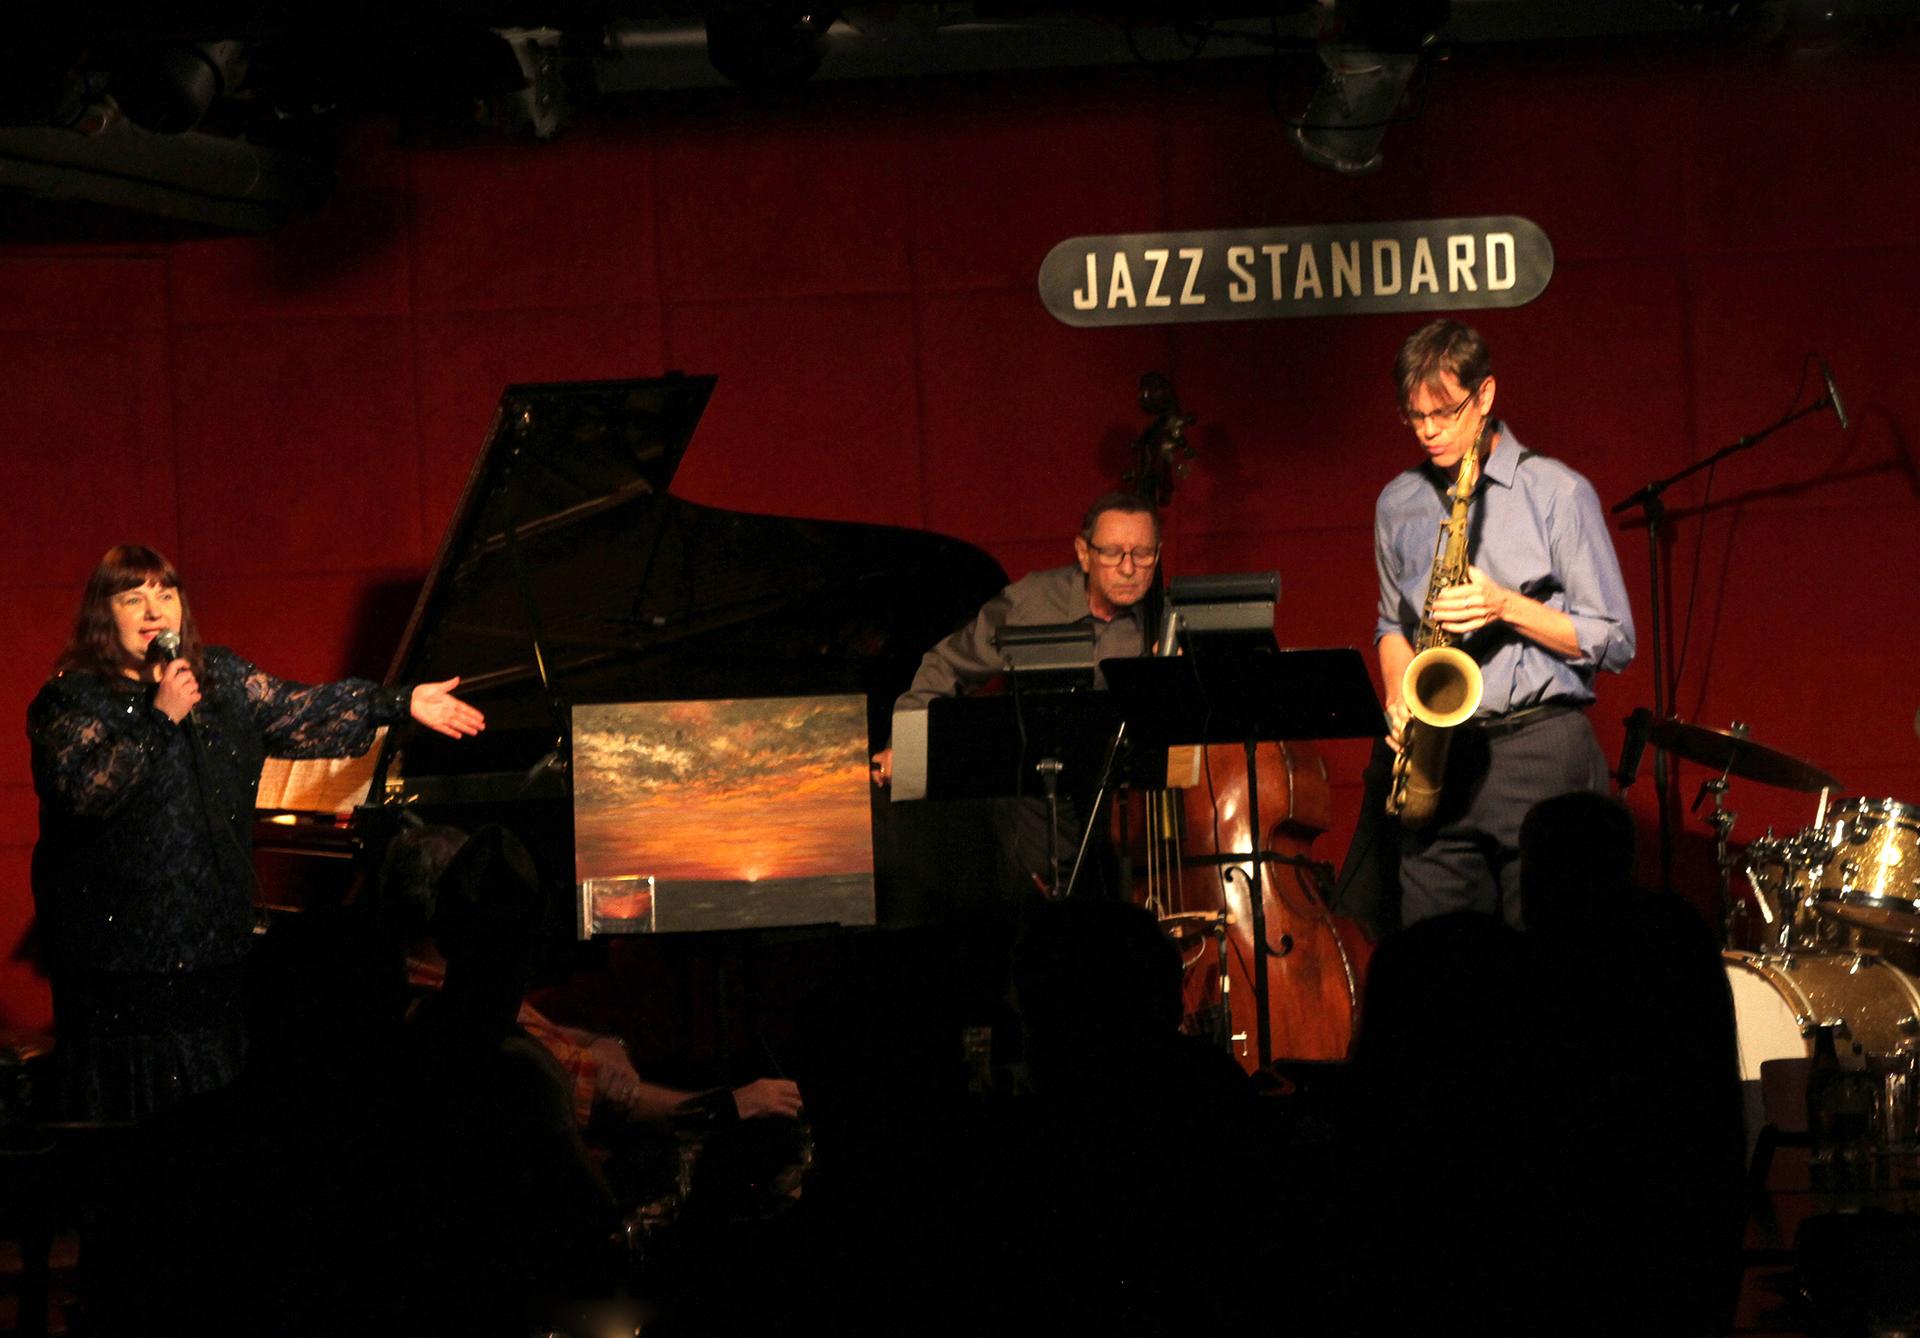 Quartet on stage Yel talks 6